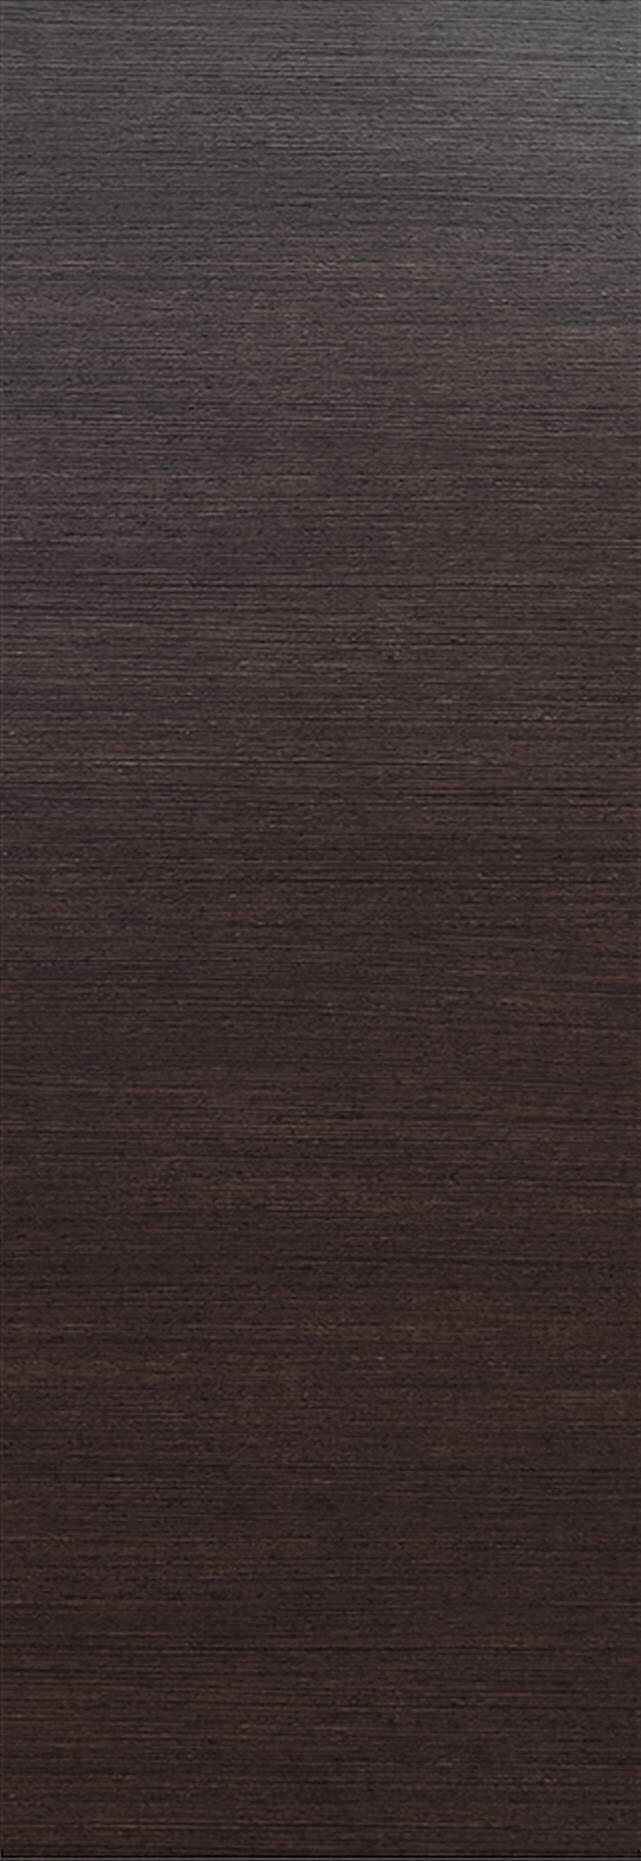 Tivoli А-2 Invisible цвет - Венге Шоколад Без стекла (ДГ)